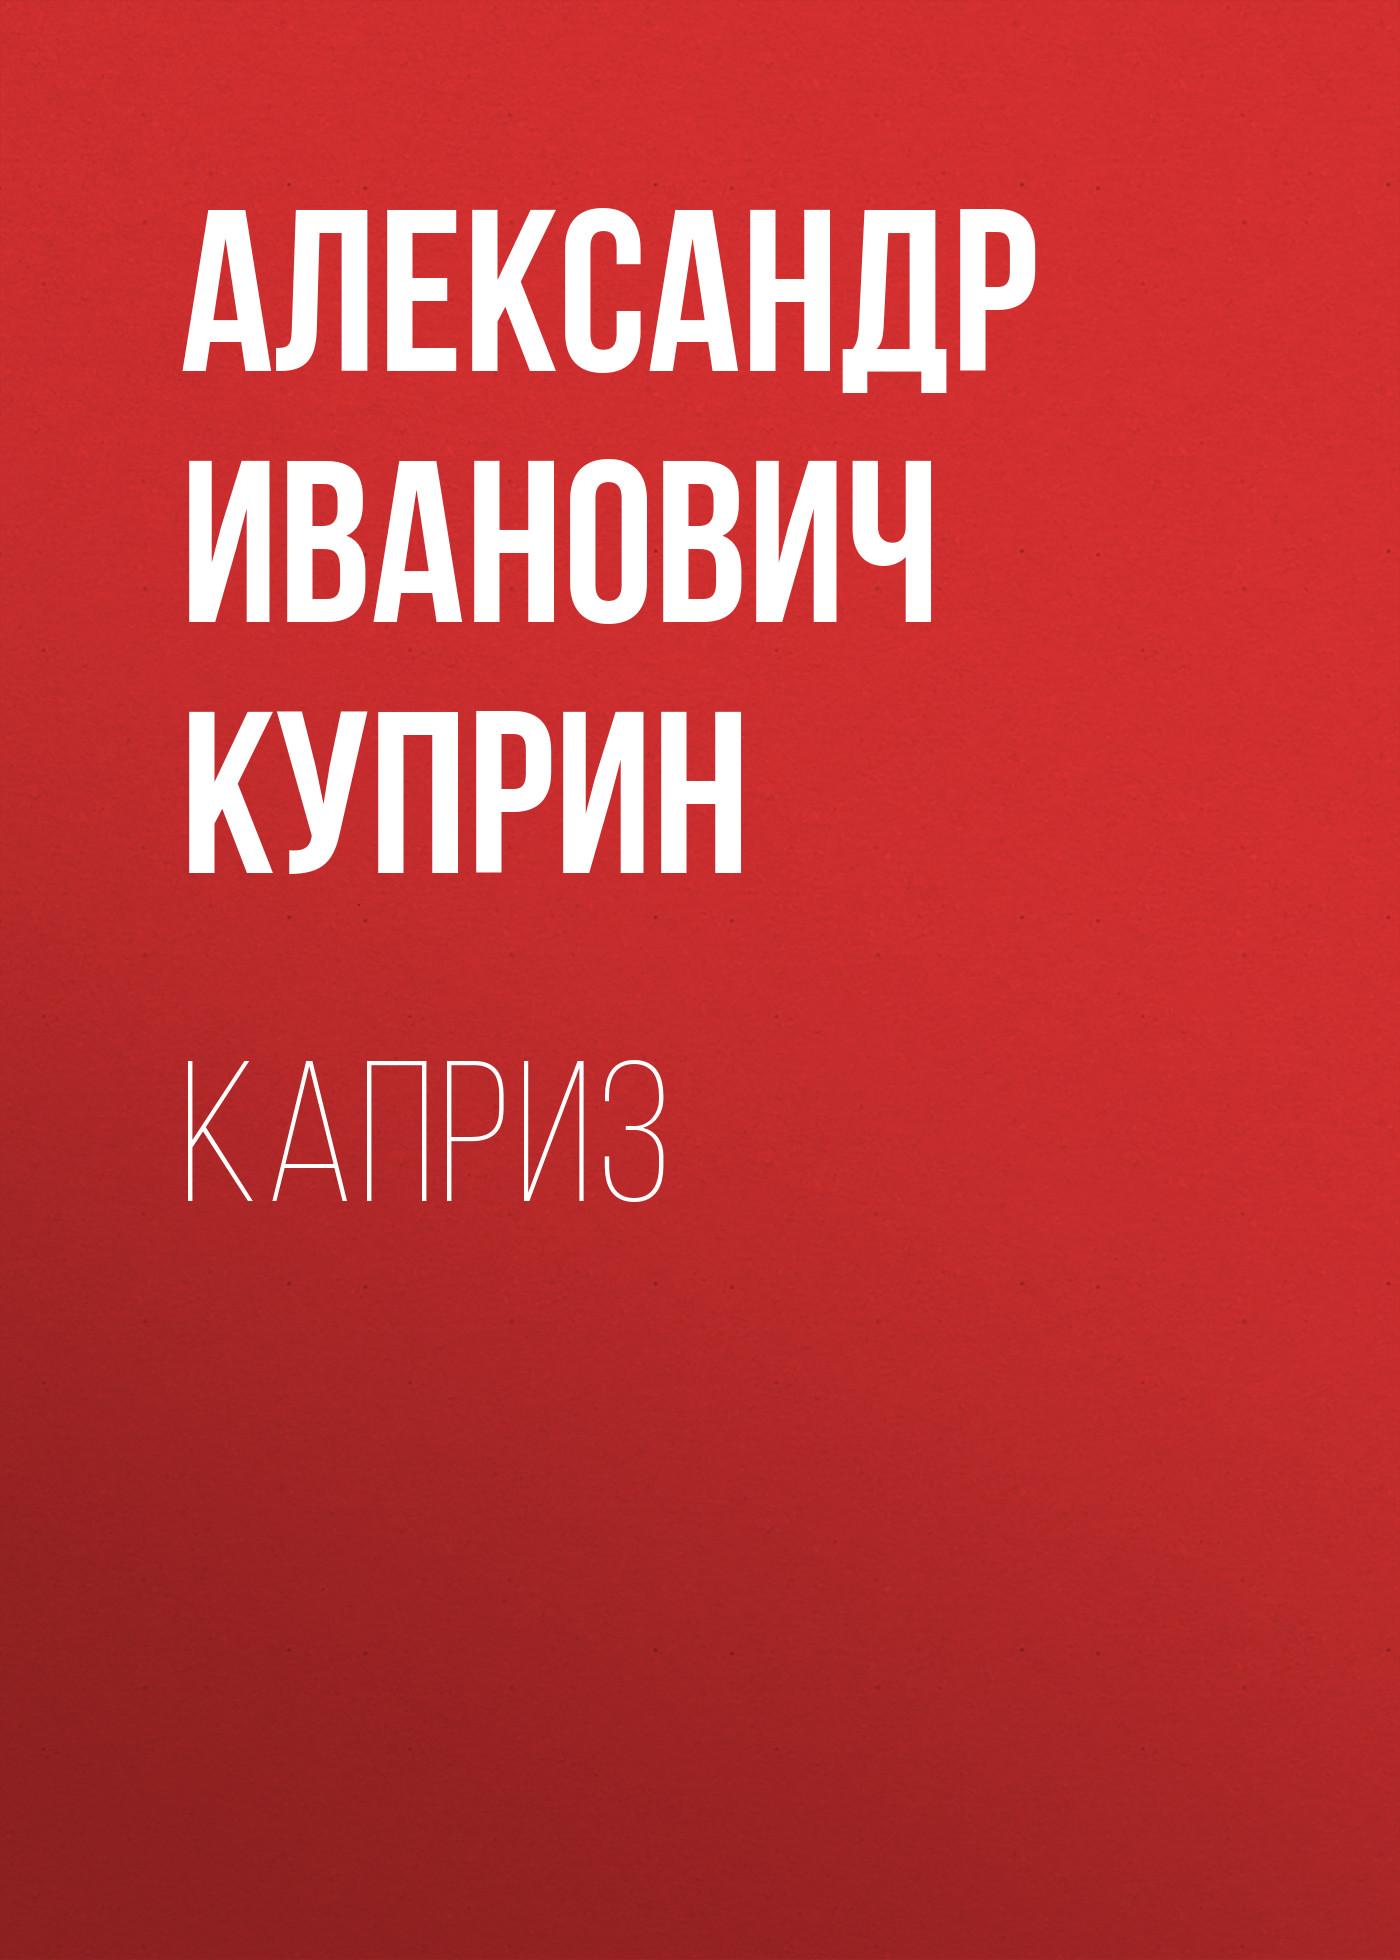 Александр Куприн Каприз три карты которые не выпали сергею прокофьеву 2019 07 28t12 00